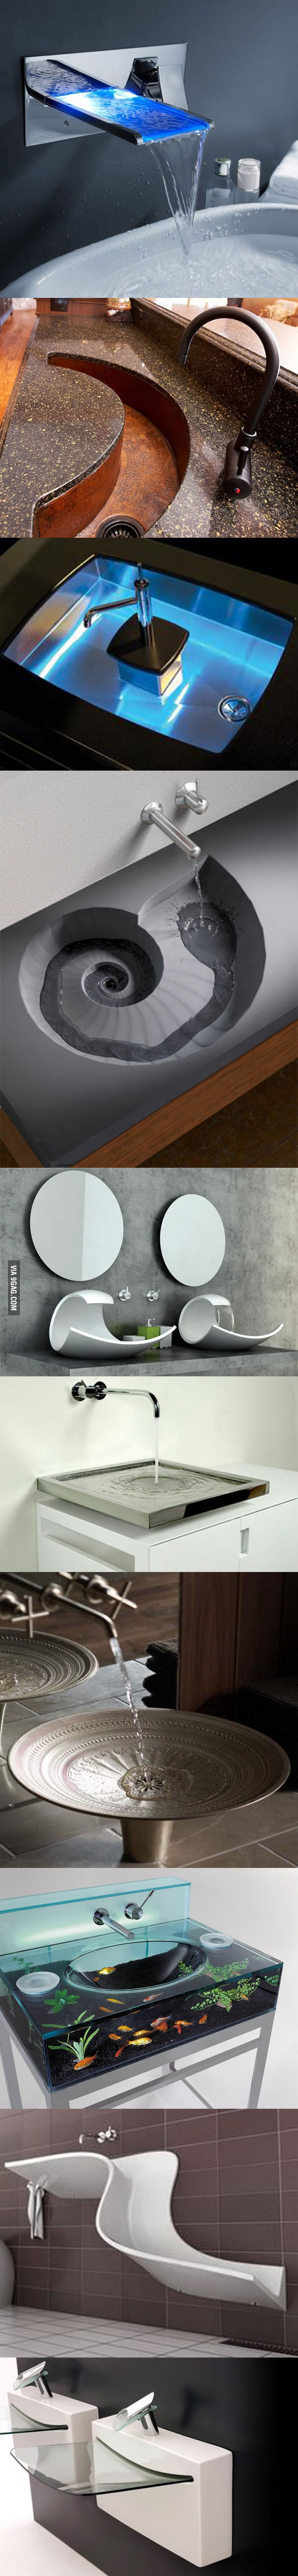 Fancy sinks